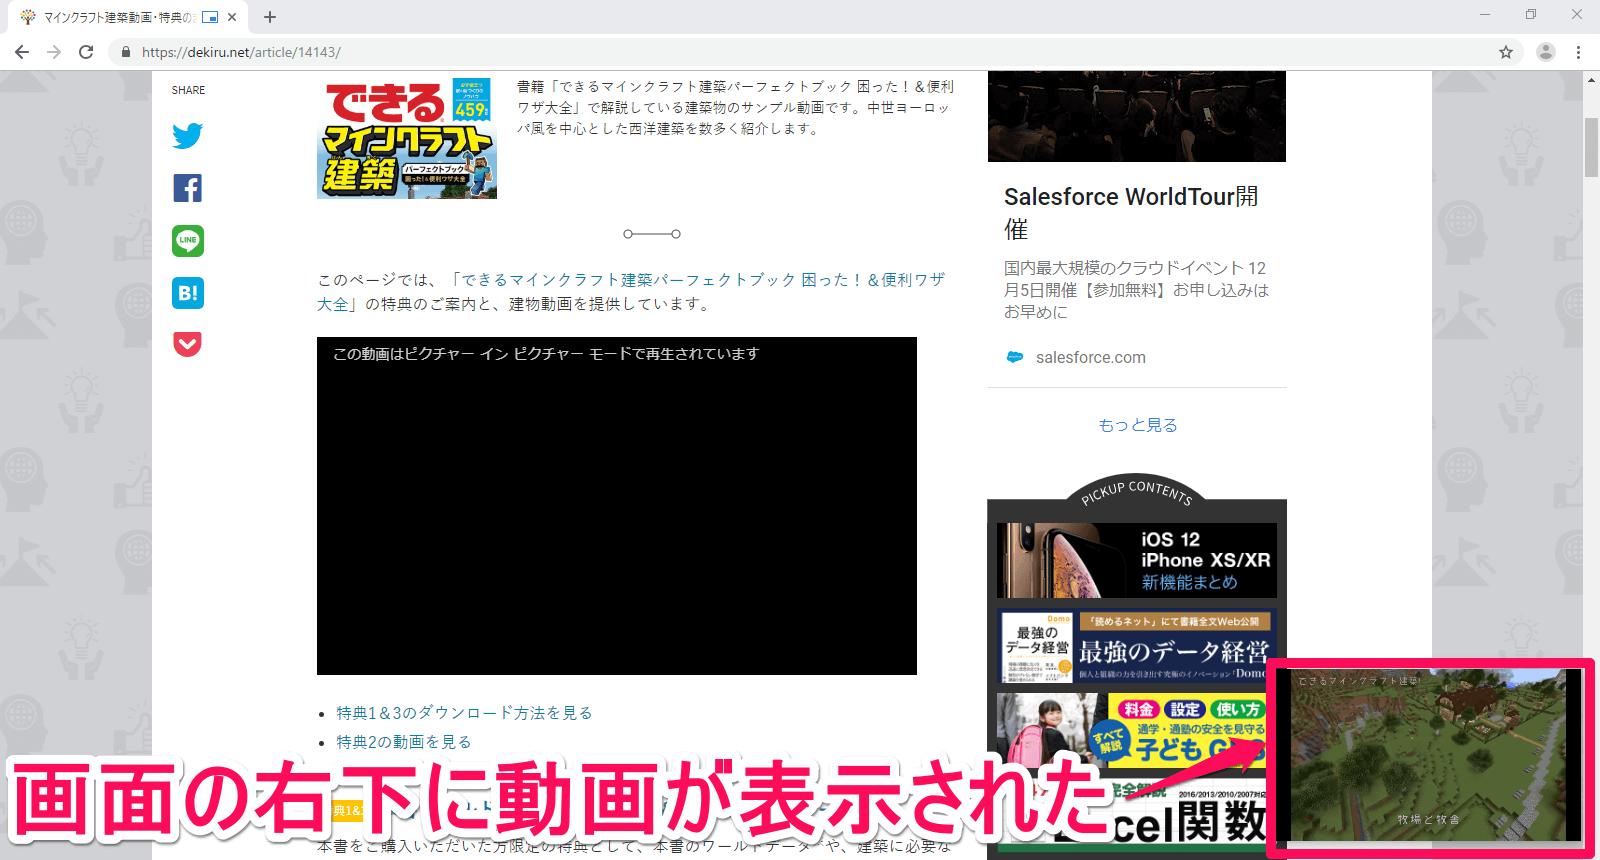 ブラウザー(Chrome、クローム)で再生中の動画のピクチャーインピクチャーが表示された画面